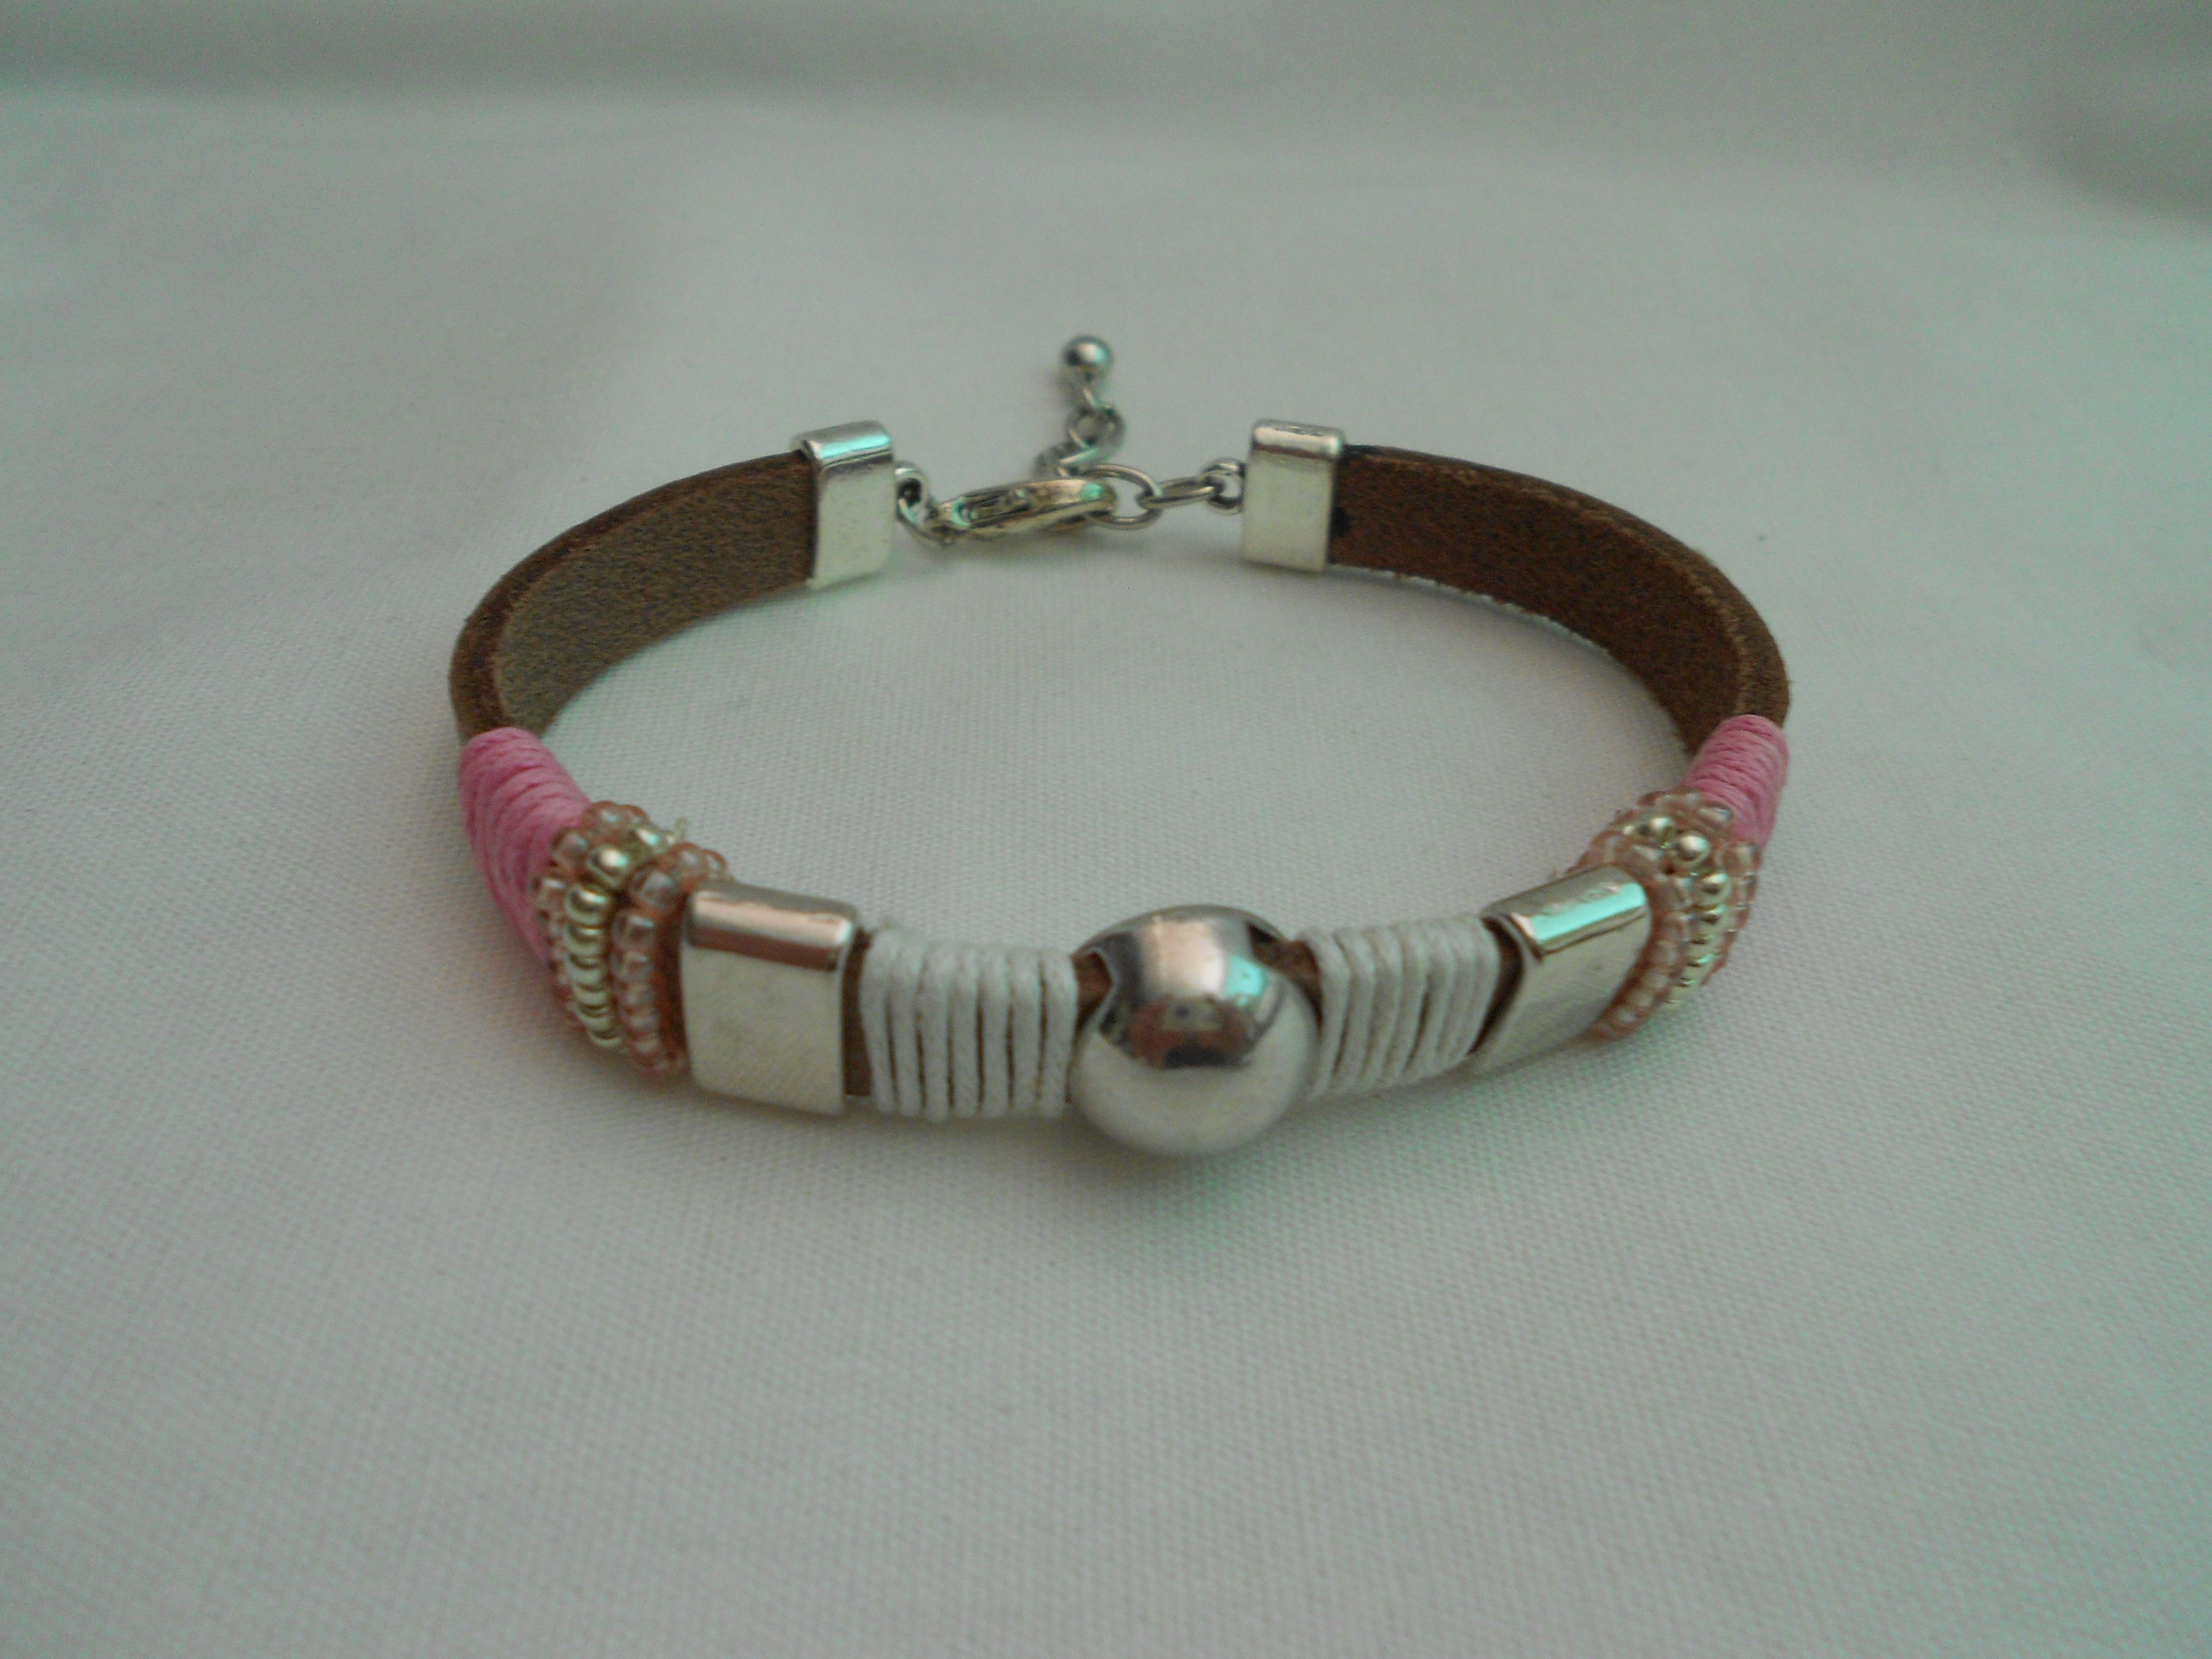 Leer armband van www.tinytreasures.nl